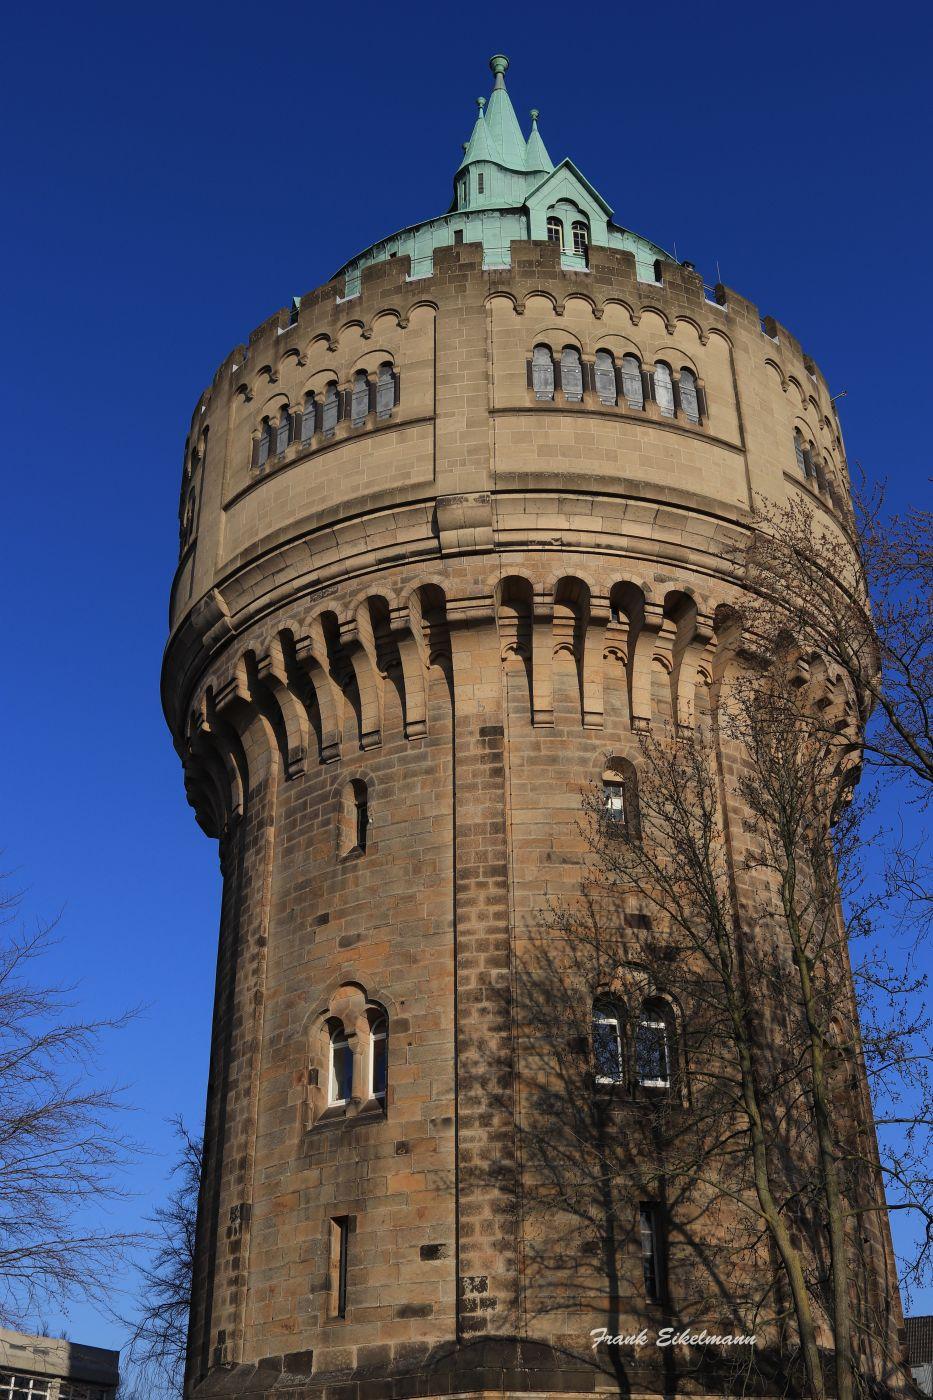 Wasserturm Münster Geistviertel, Germany